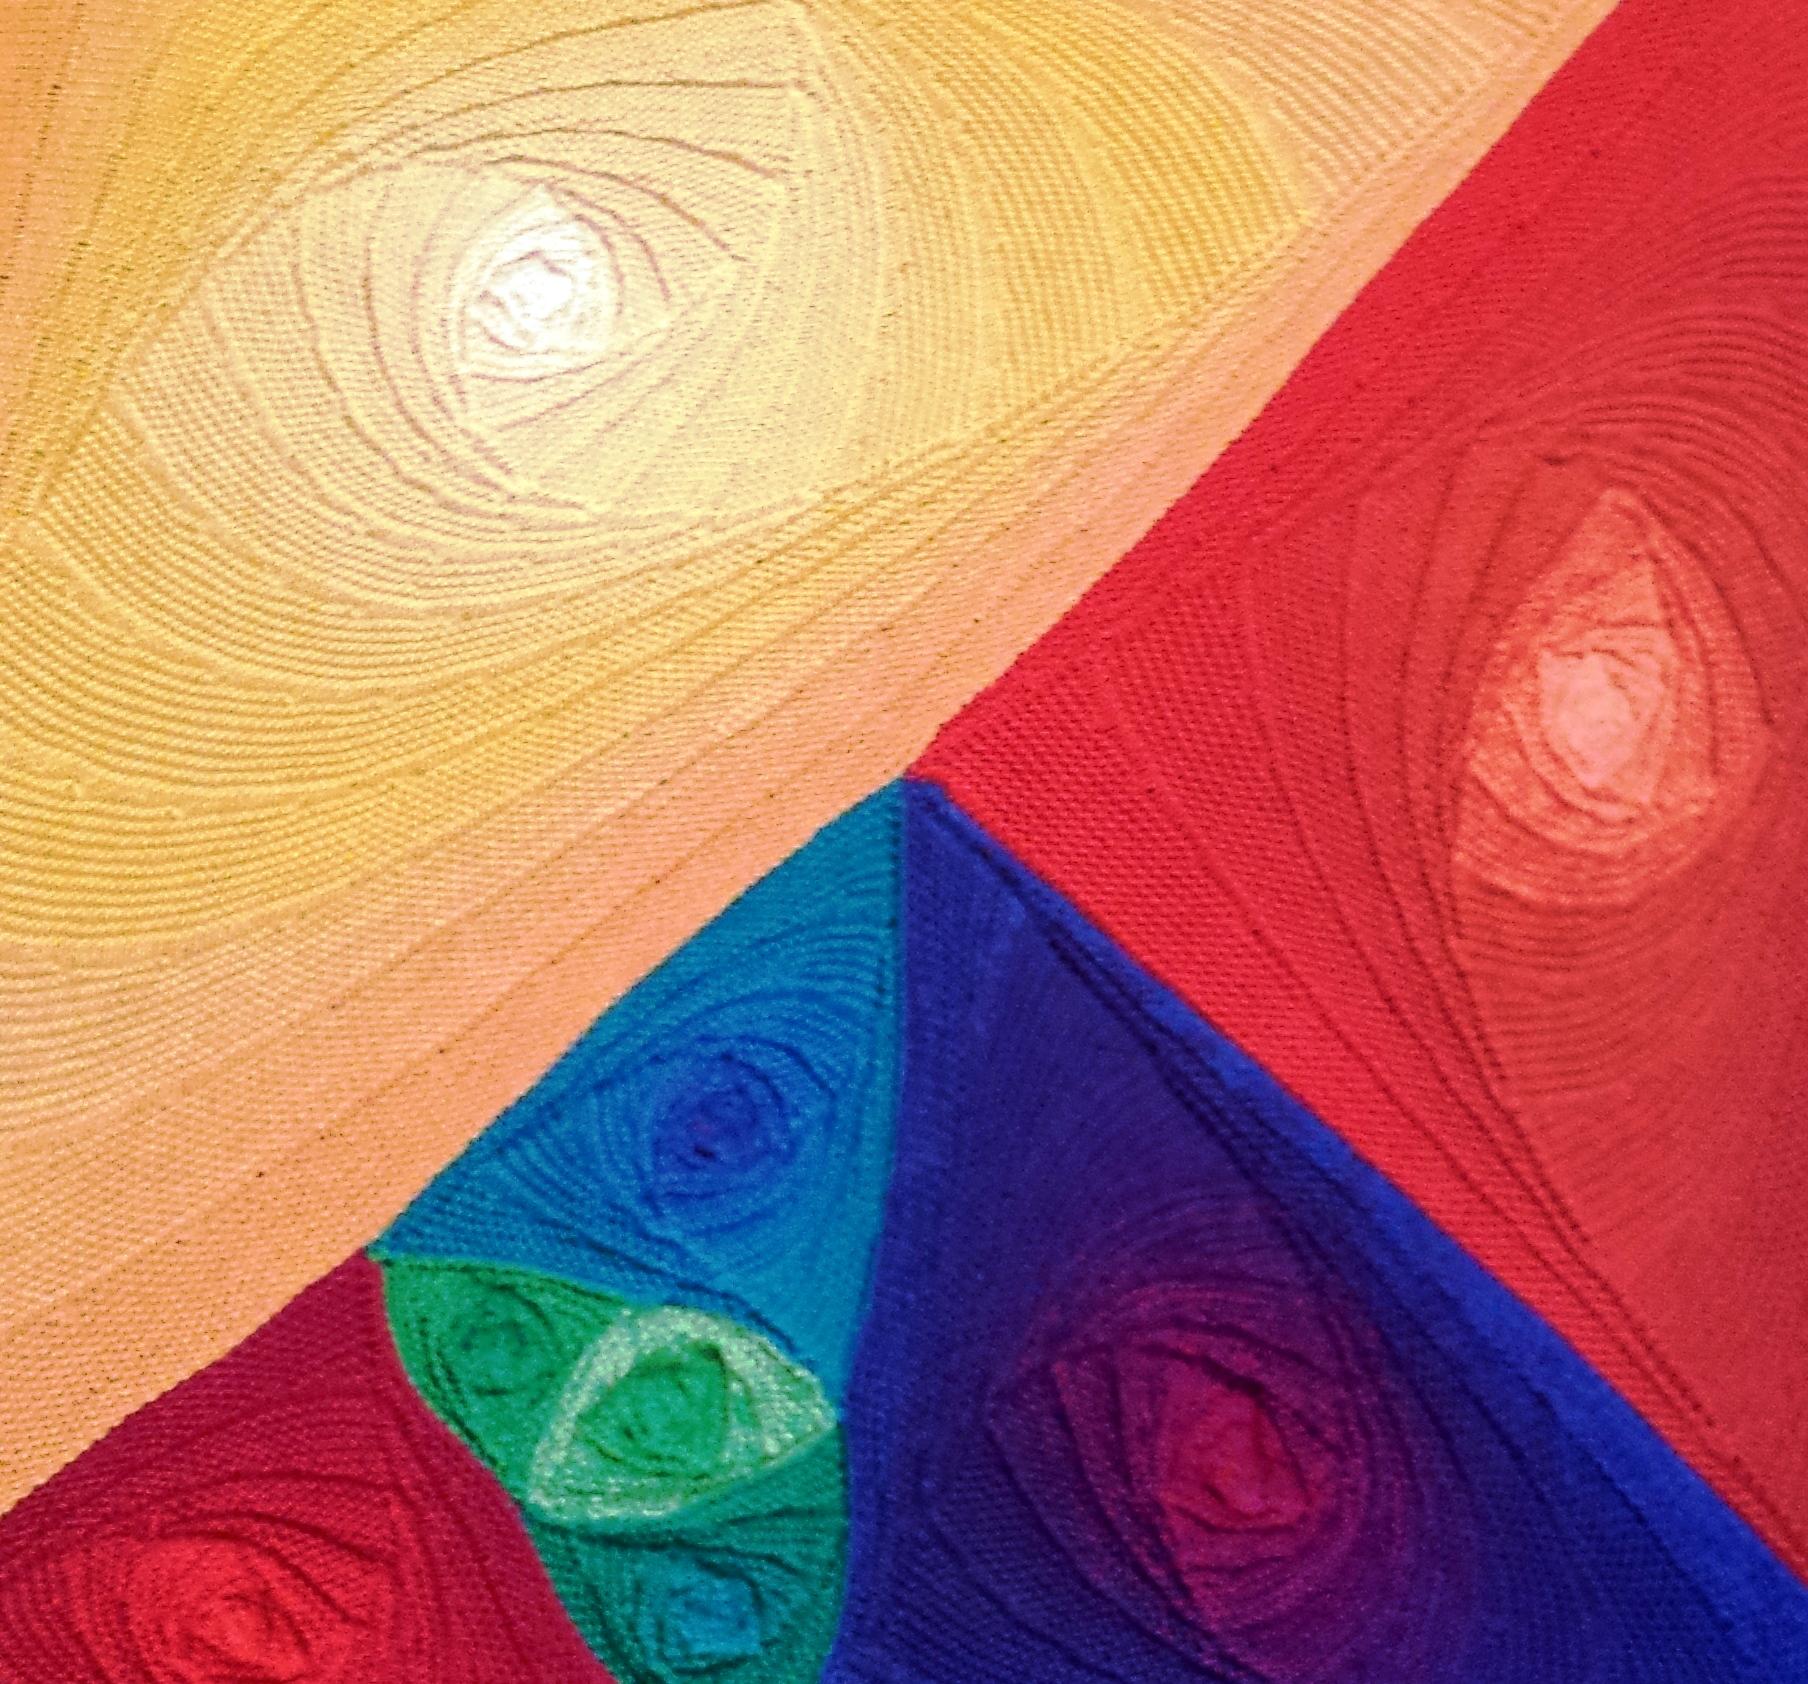 """Gabriele Tippelk - Hier sieht man mein gestricktes Bild """"Vulkanlandschaft"""" in KlugeStrickArt, das ich dreidimensional gearbeitet habe"""